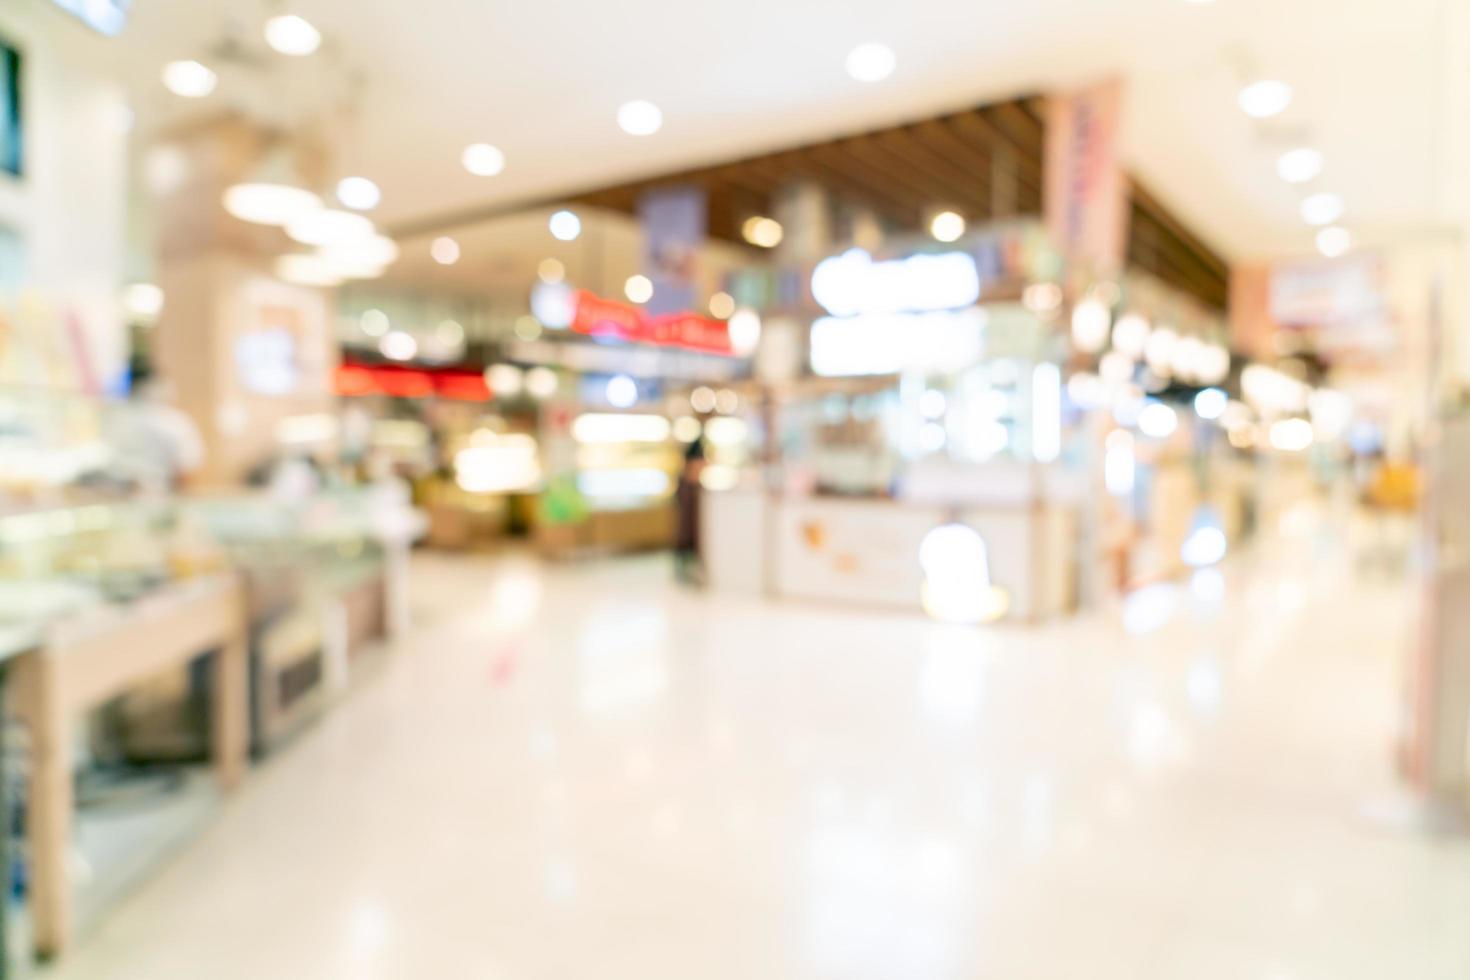 Desenfoque abstracto tienda y tienda en el centro comercial de fondo foto